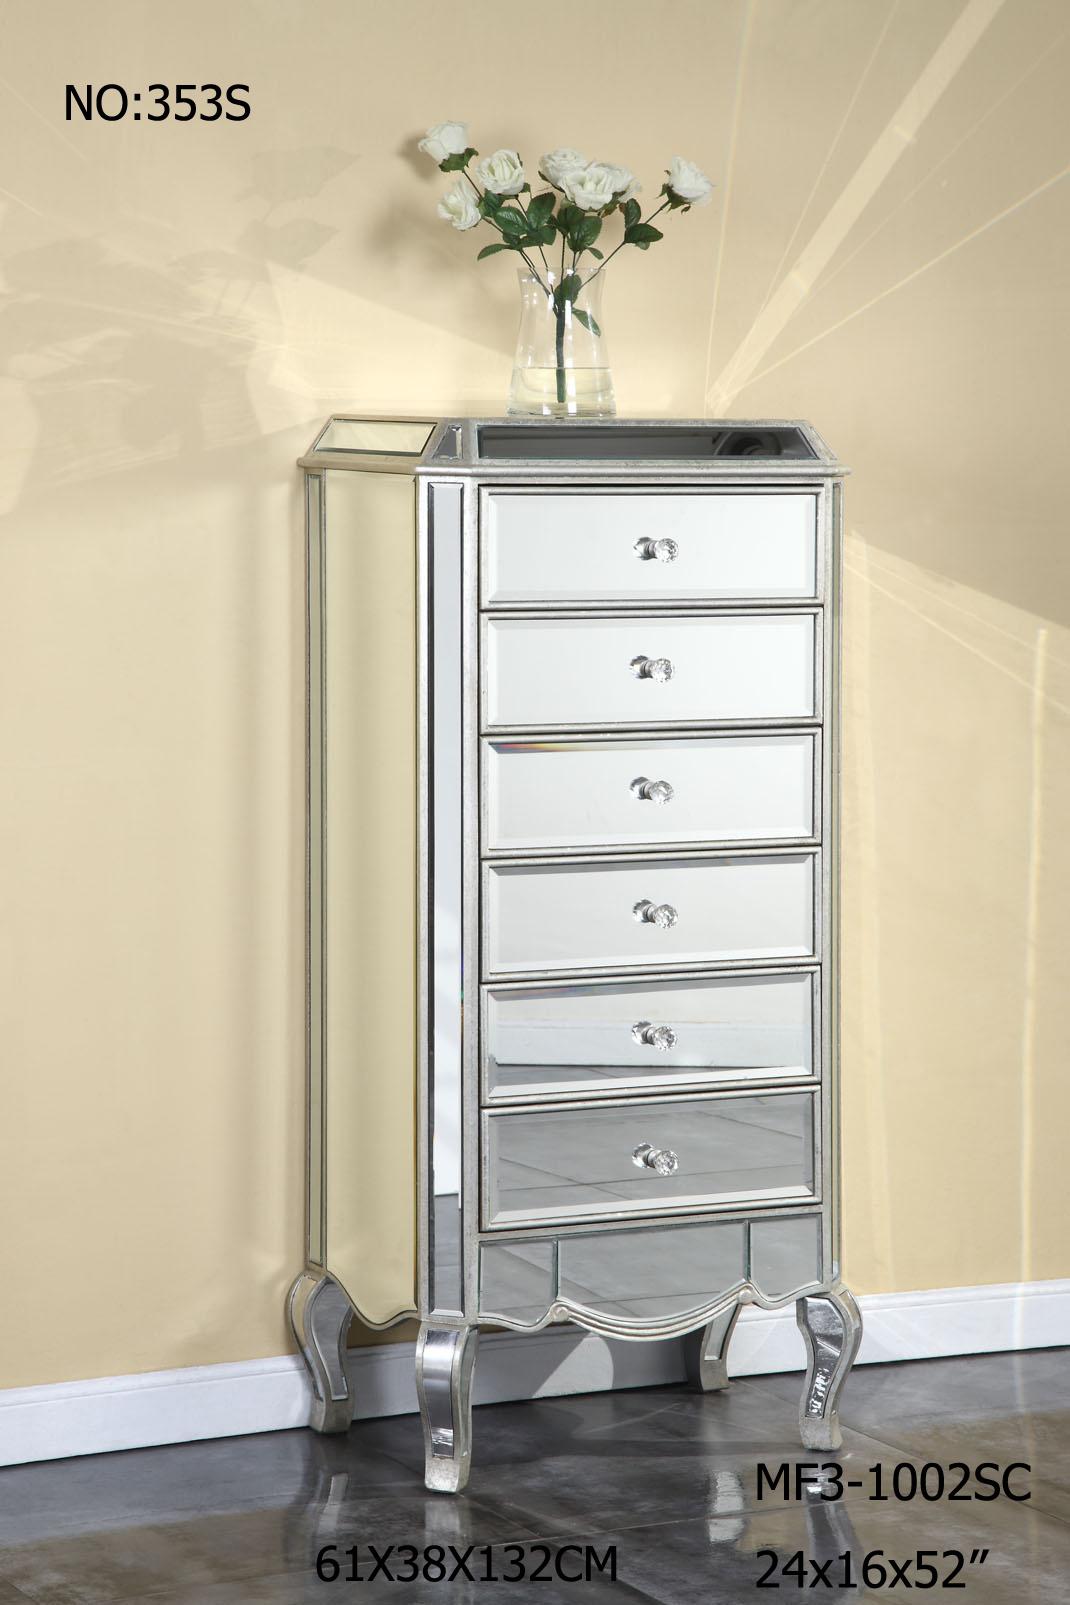 Modern 6 Drawer Mirrored Furniture Chest